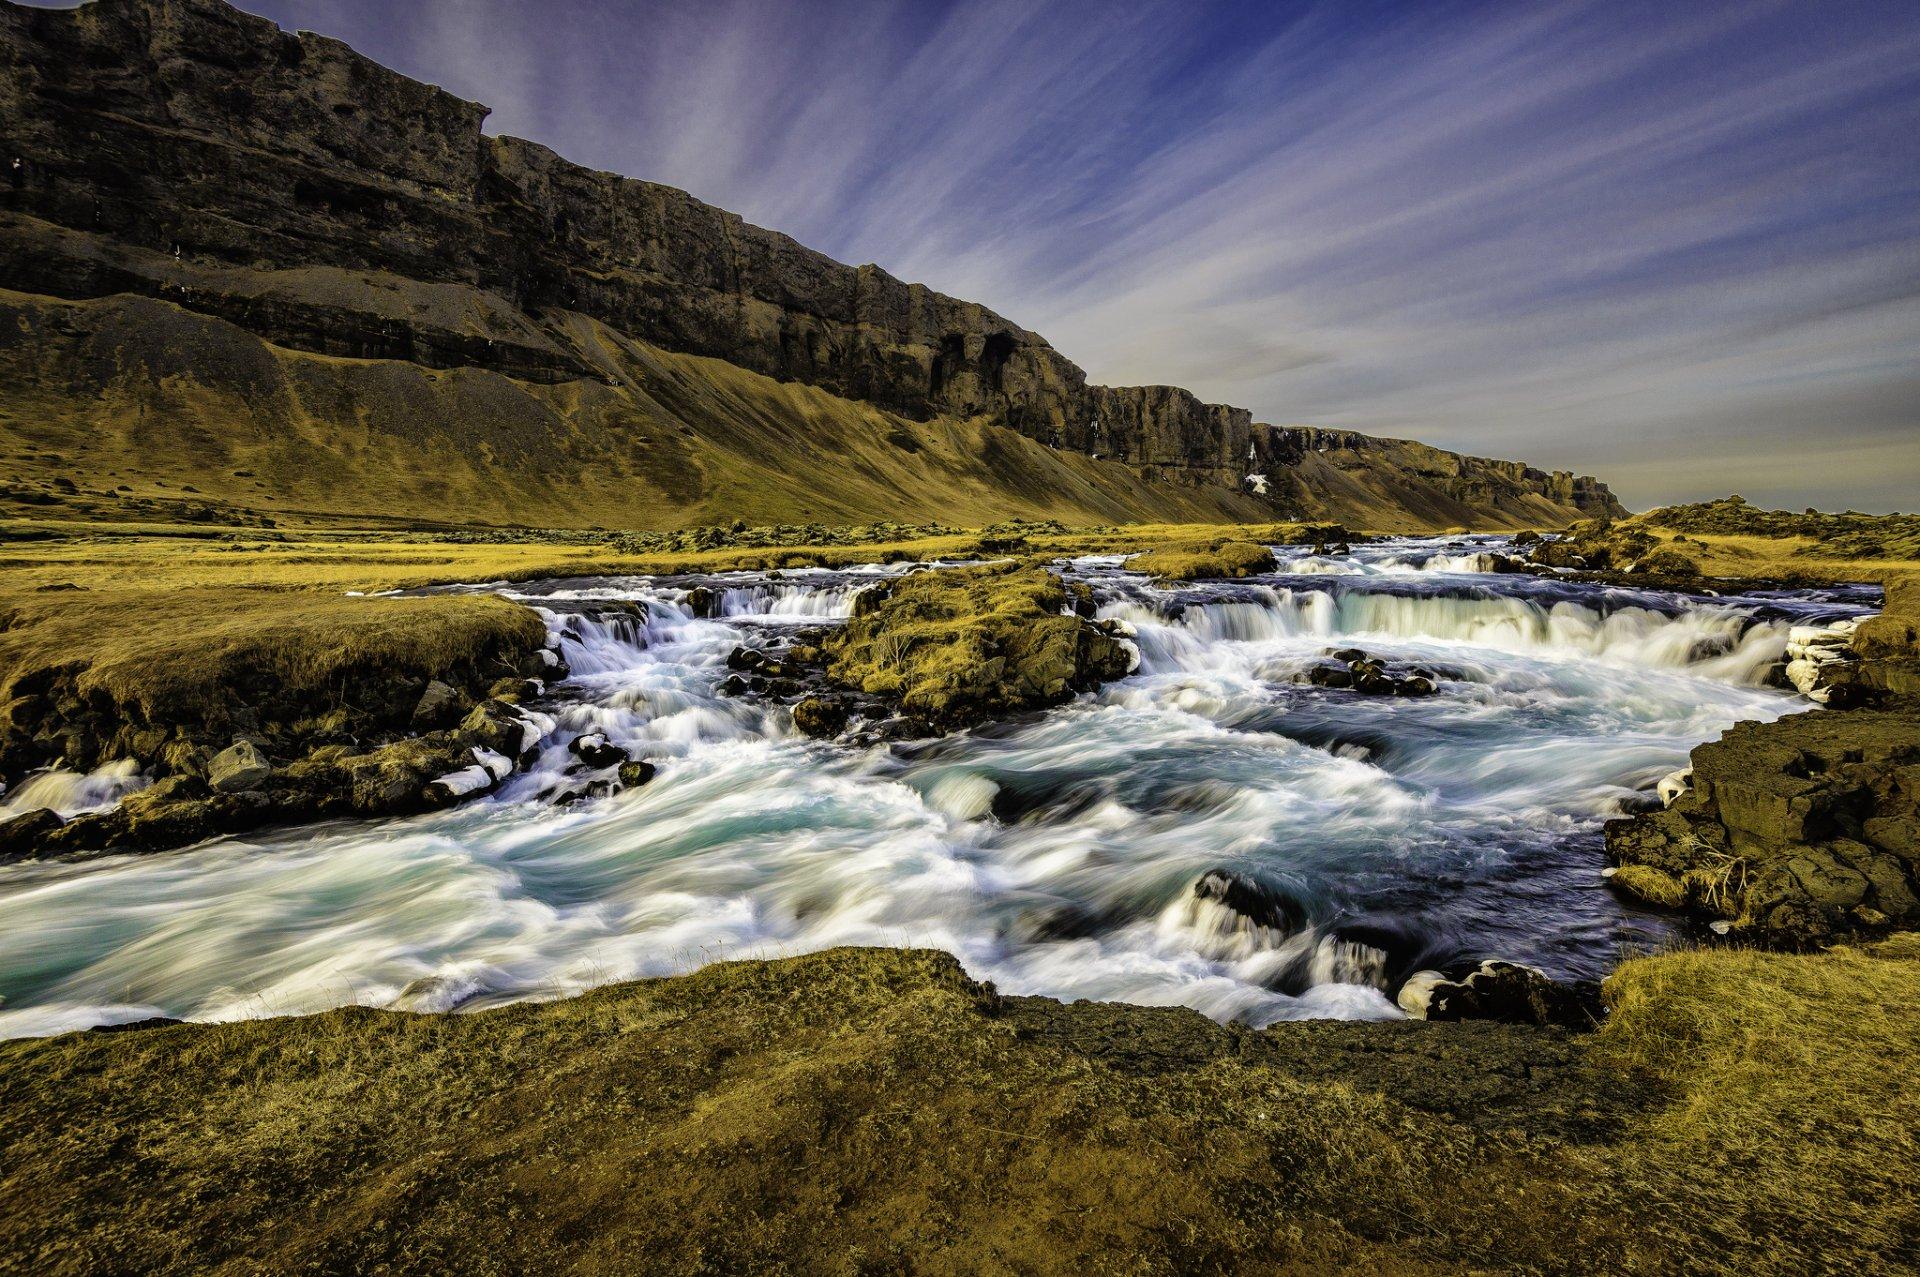 еще вкусненький, фото исландии в высоком качестве менее